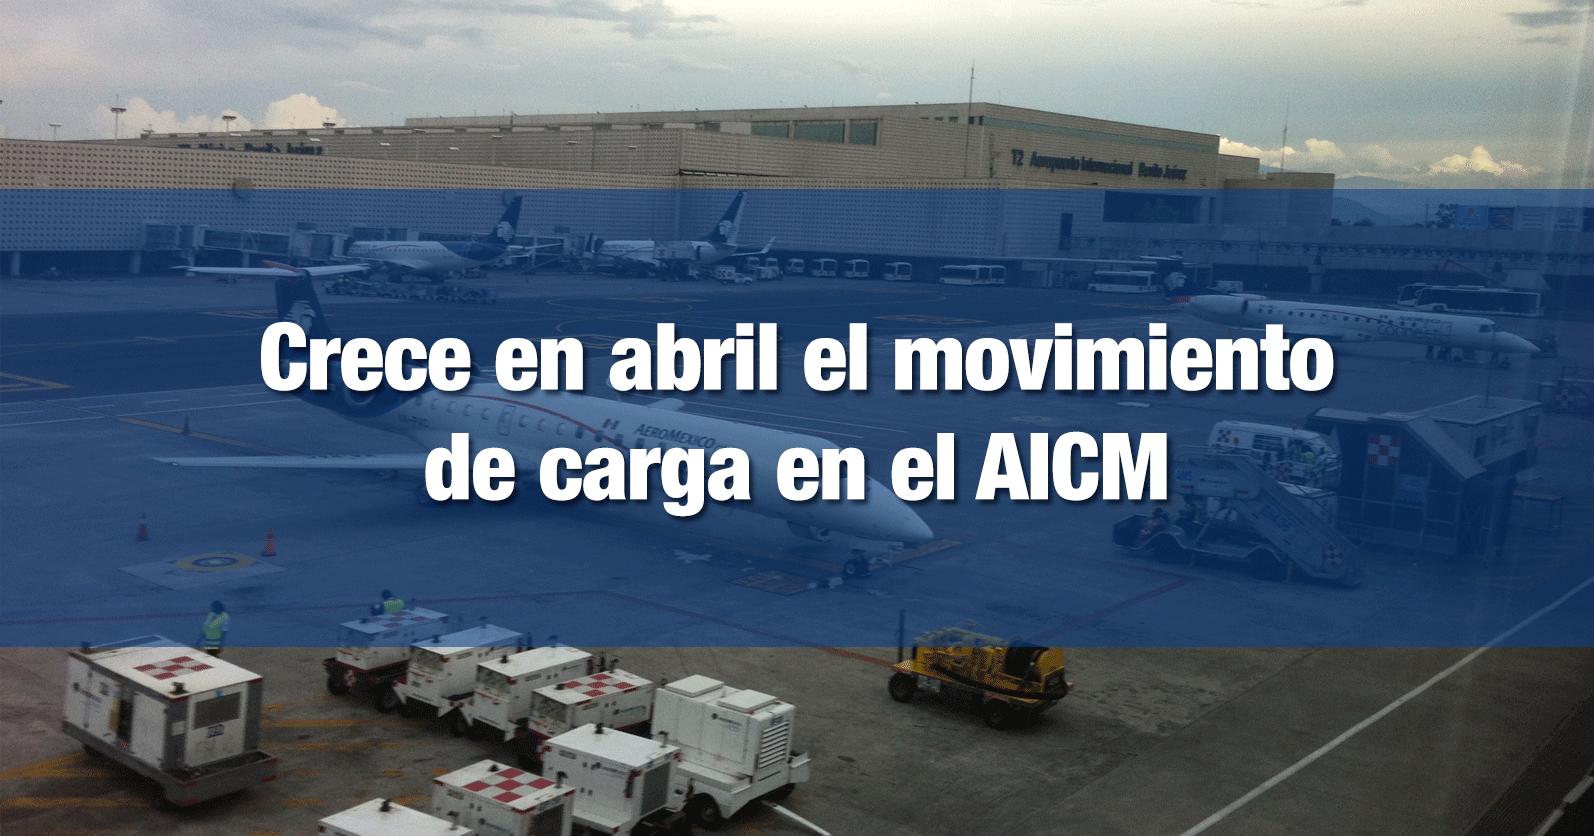 Crece en abril el movimiento de carga en el AICM